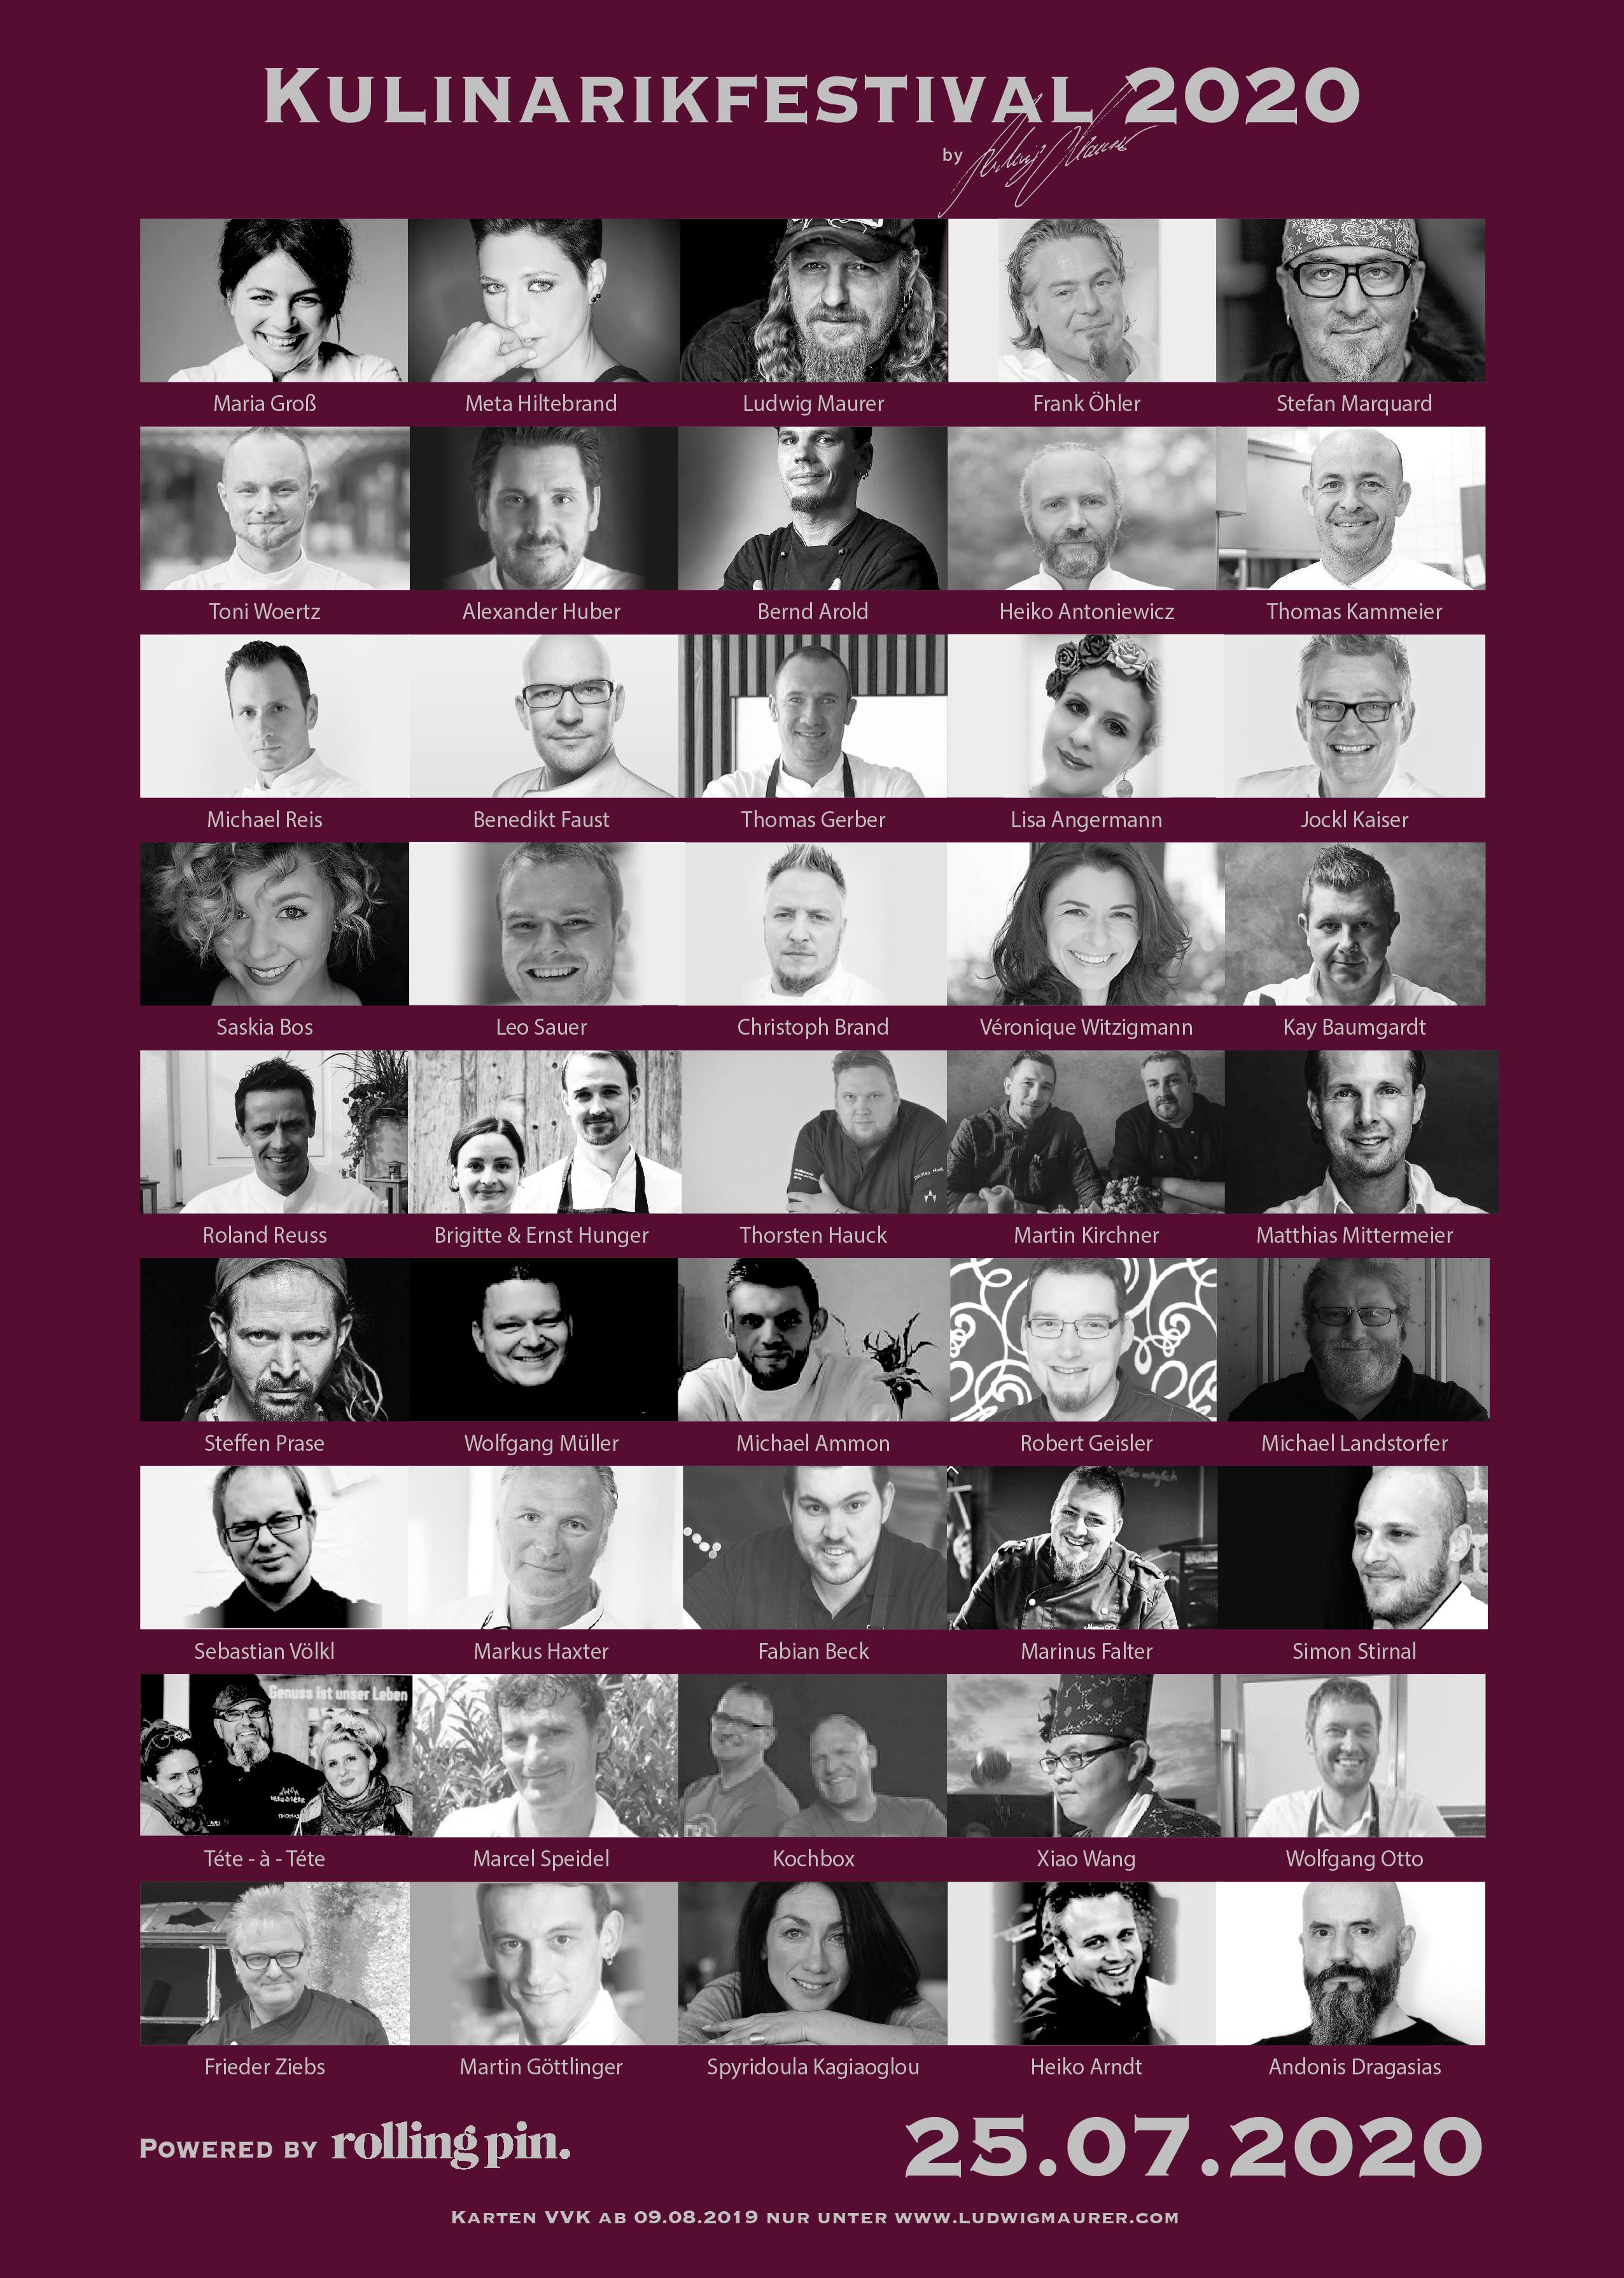 Kulinarikfestival 2020